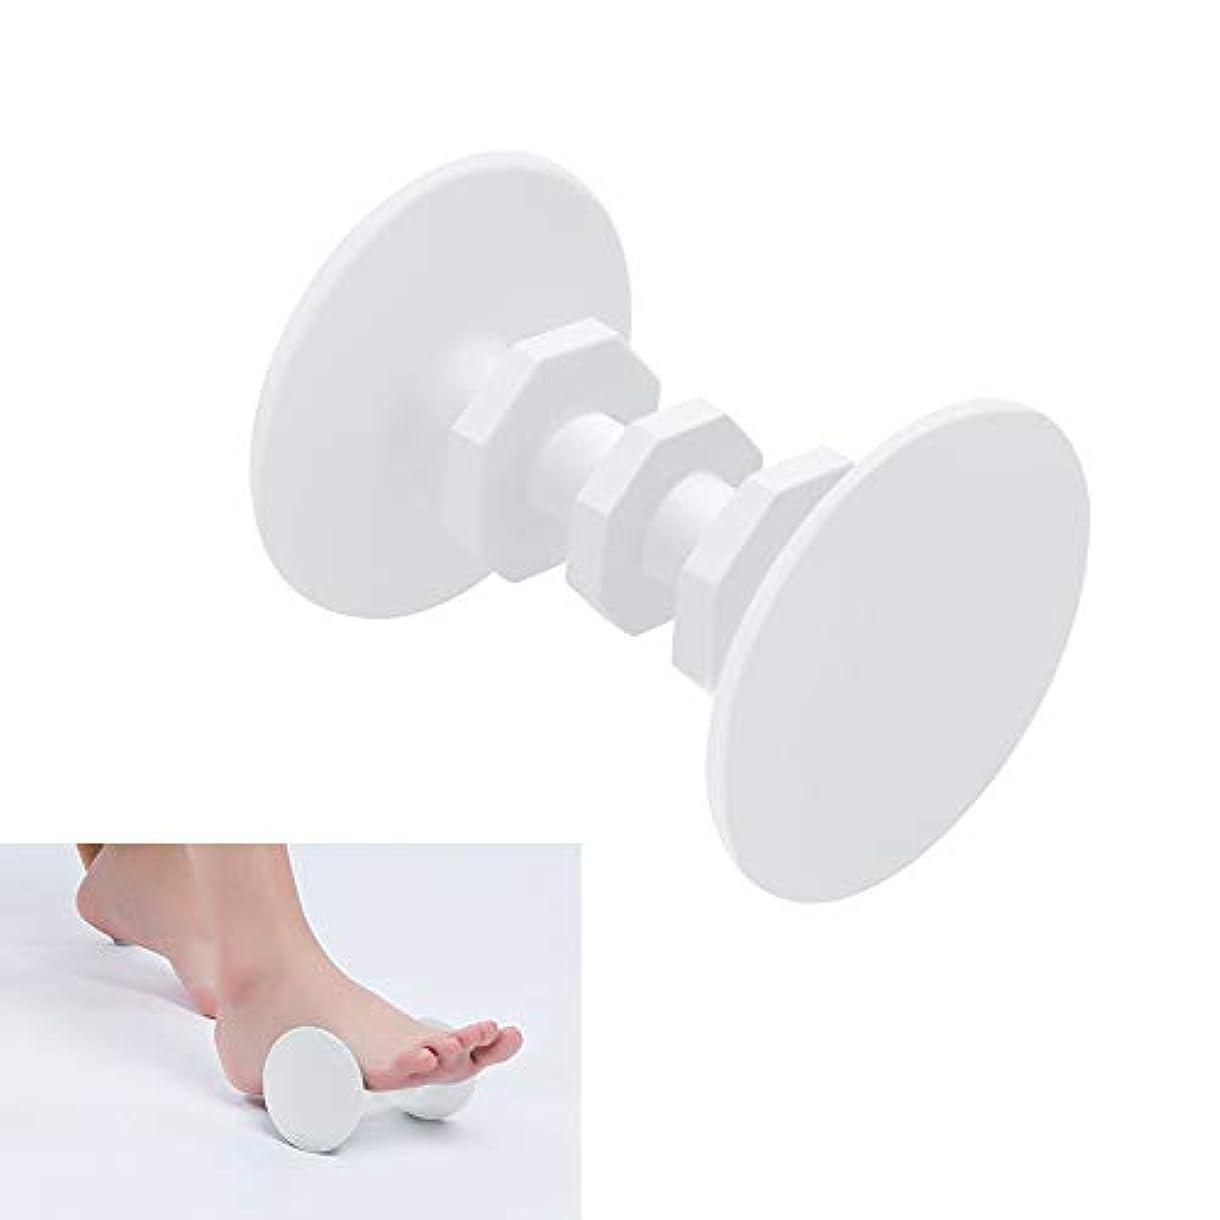 揃える以降フットマッサージローラー、フットペインホットコールドセラピー、足底筋膜炎、かかとの痛み、筋肉痛、トリガーポイント、背中、腕、首、肩、脚循環ローラー